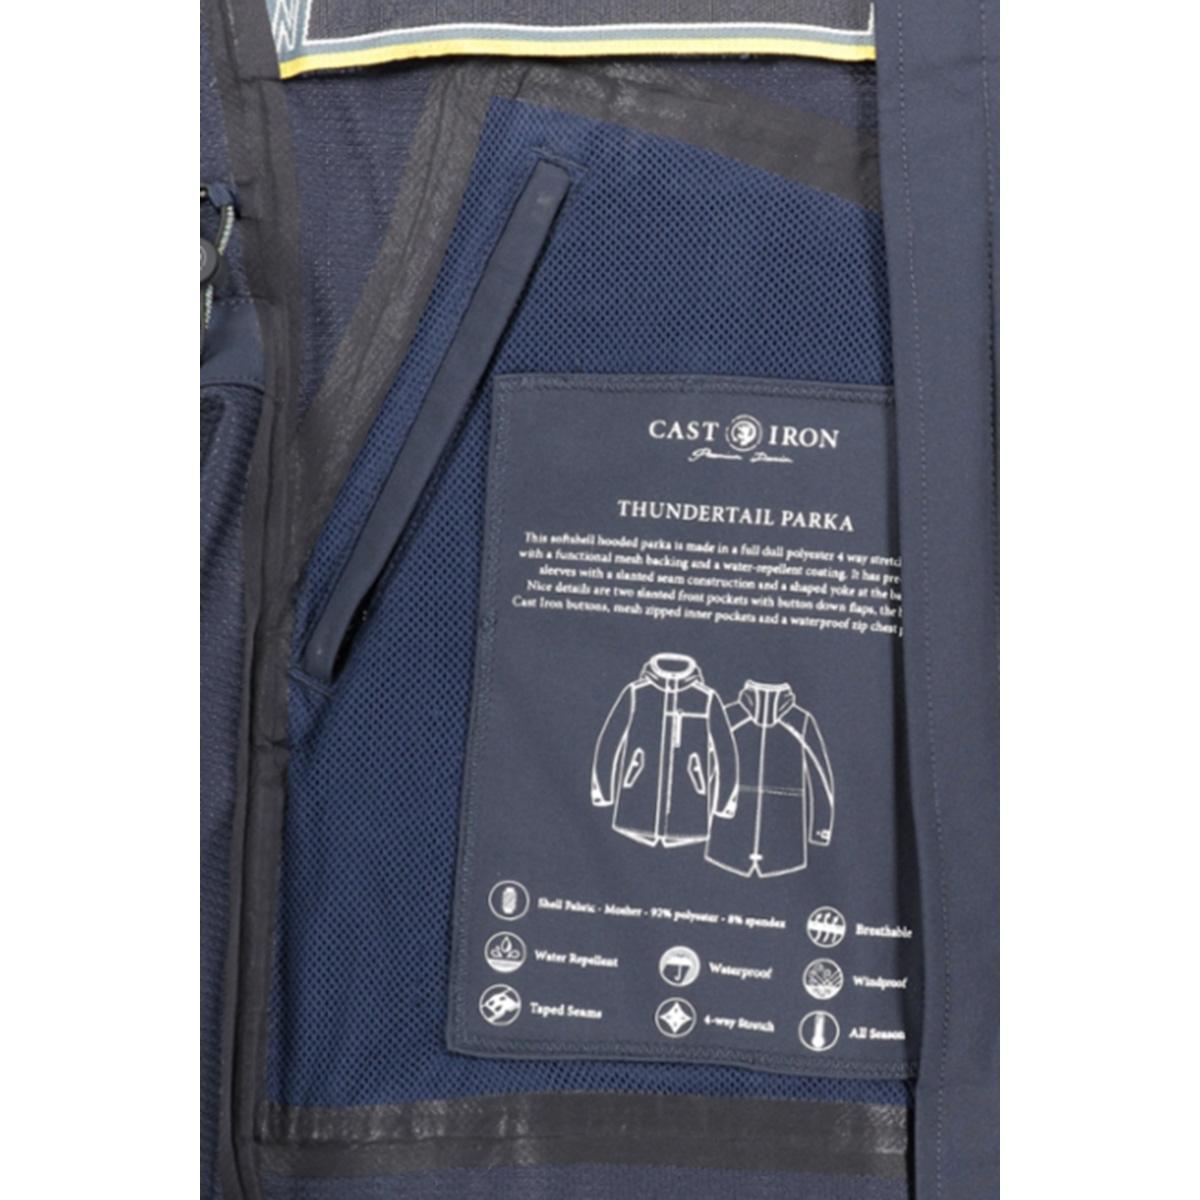 thundertail parka cja201108 cast iron jas 5287